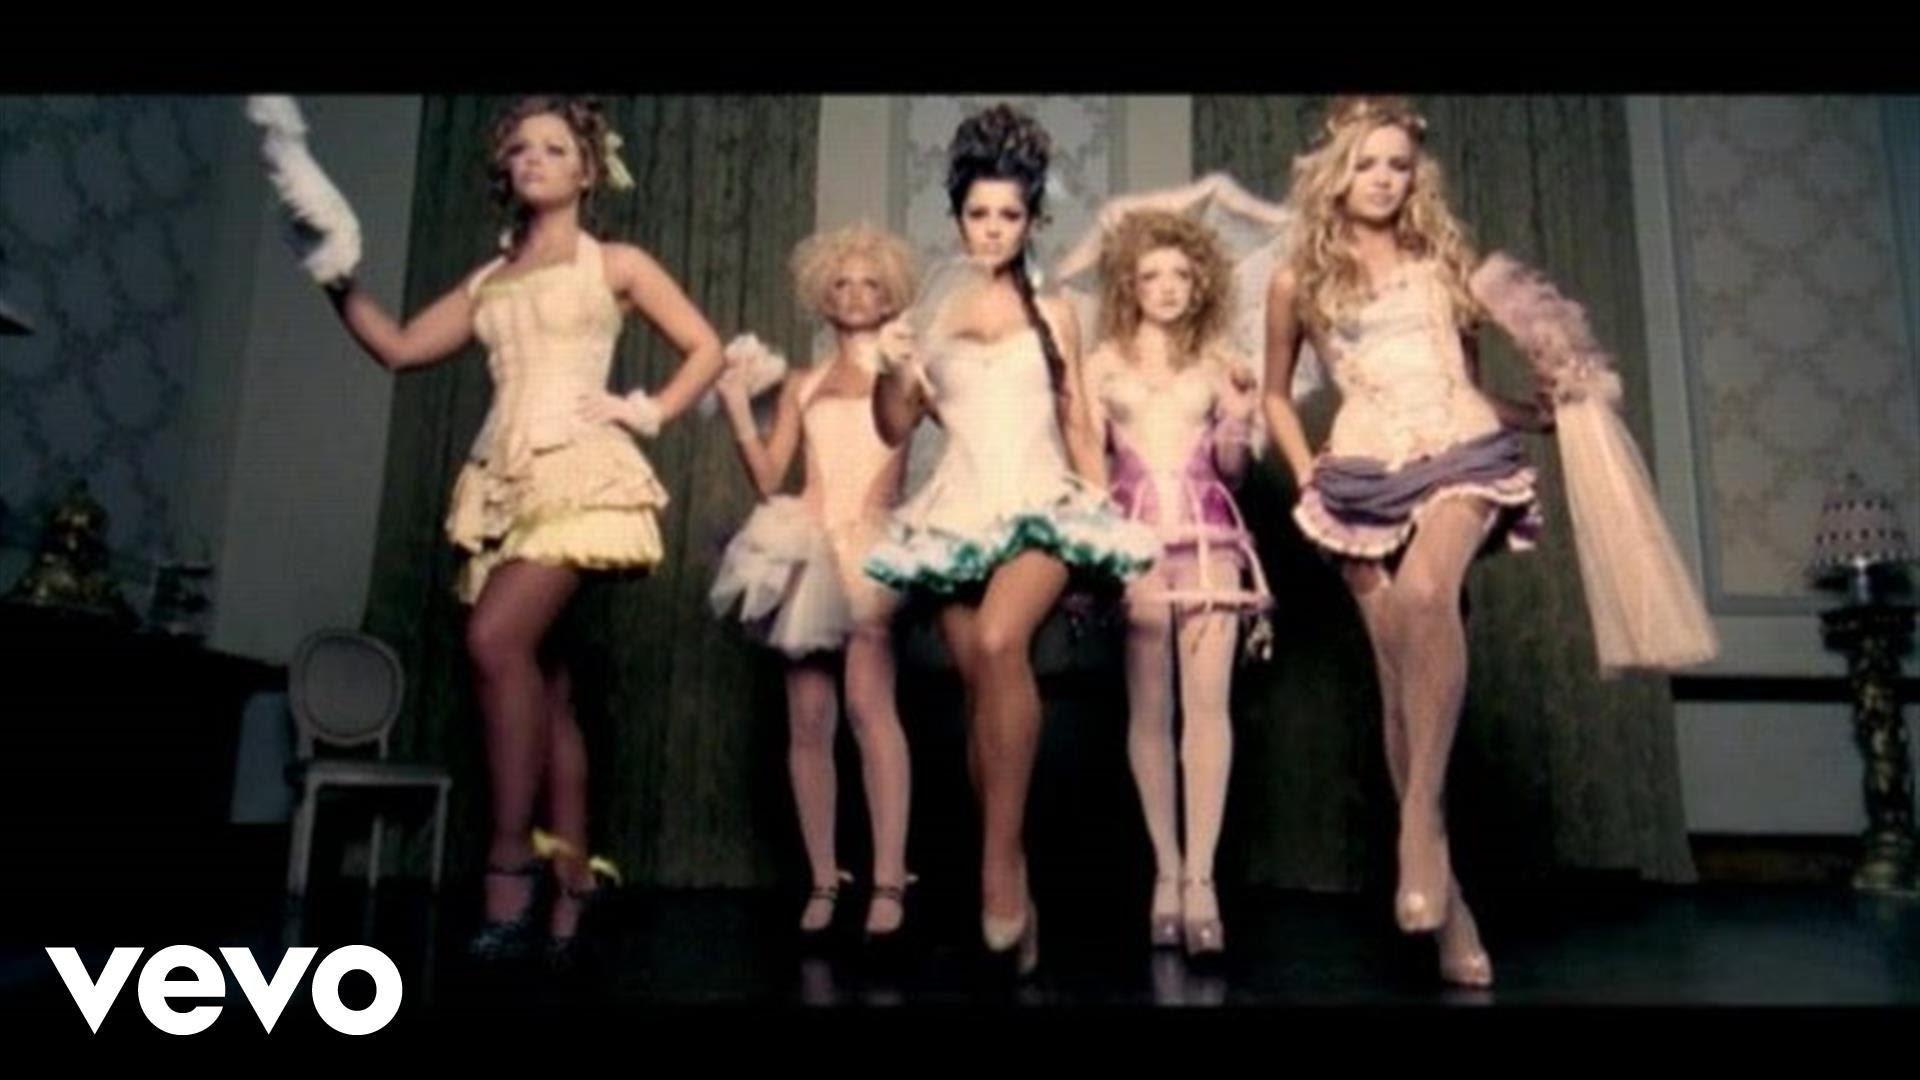 『Girls Aloudガールズ・アラウド 人気曲ランキング』